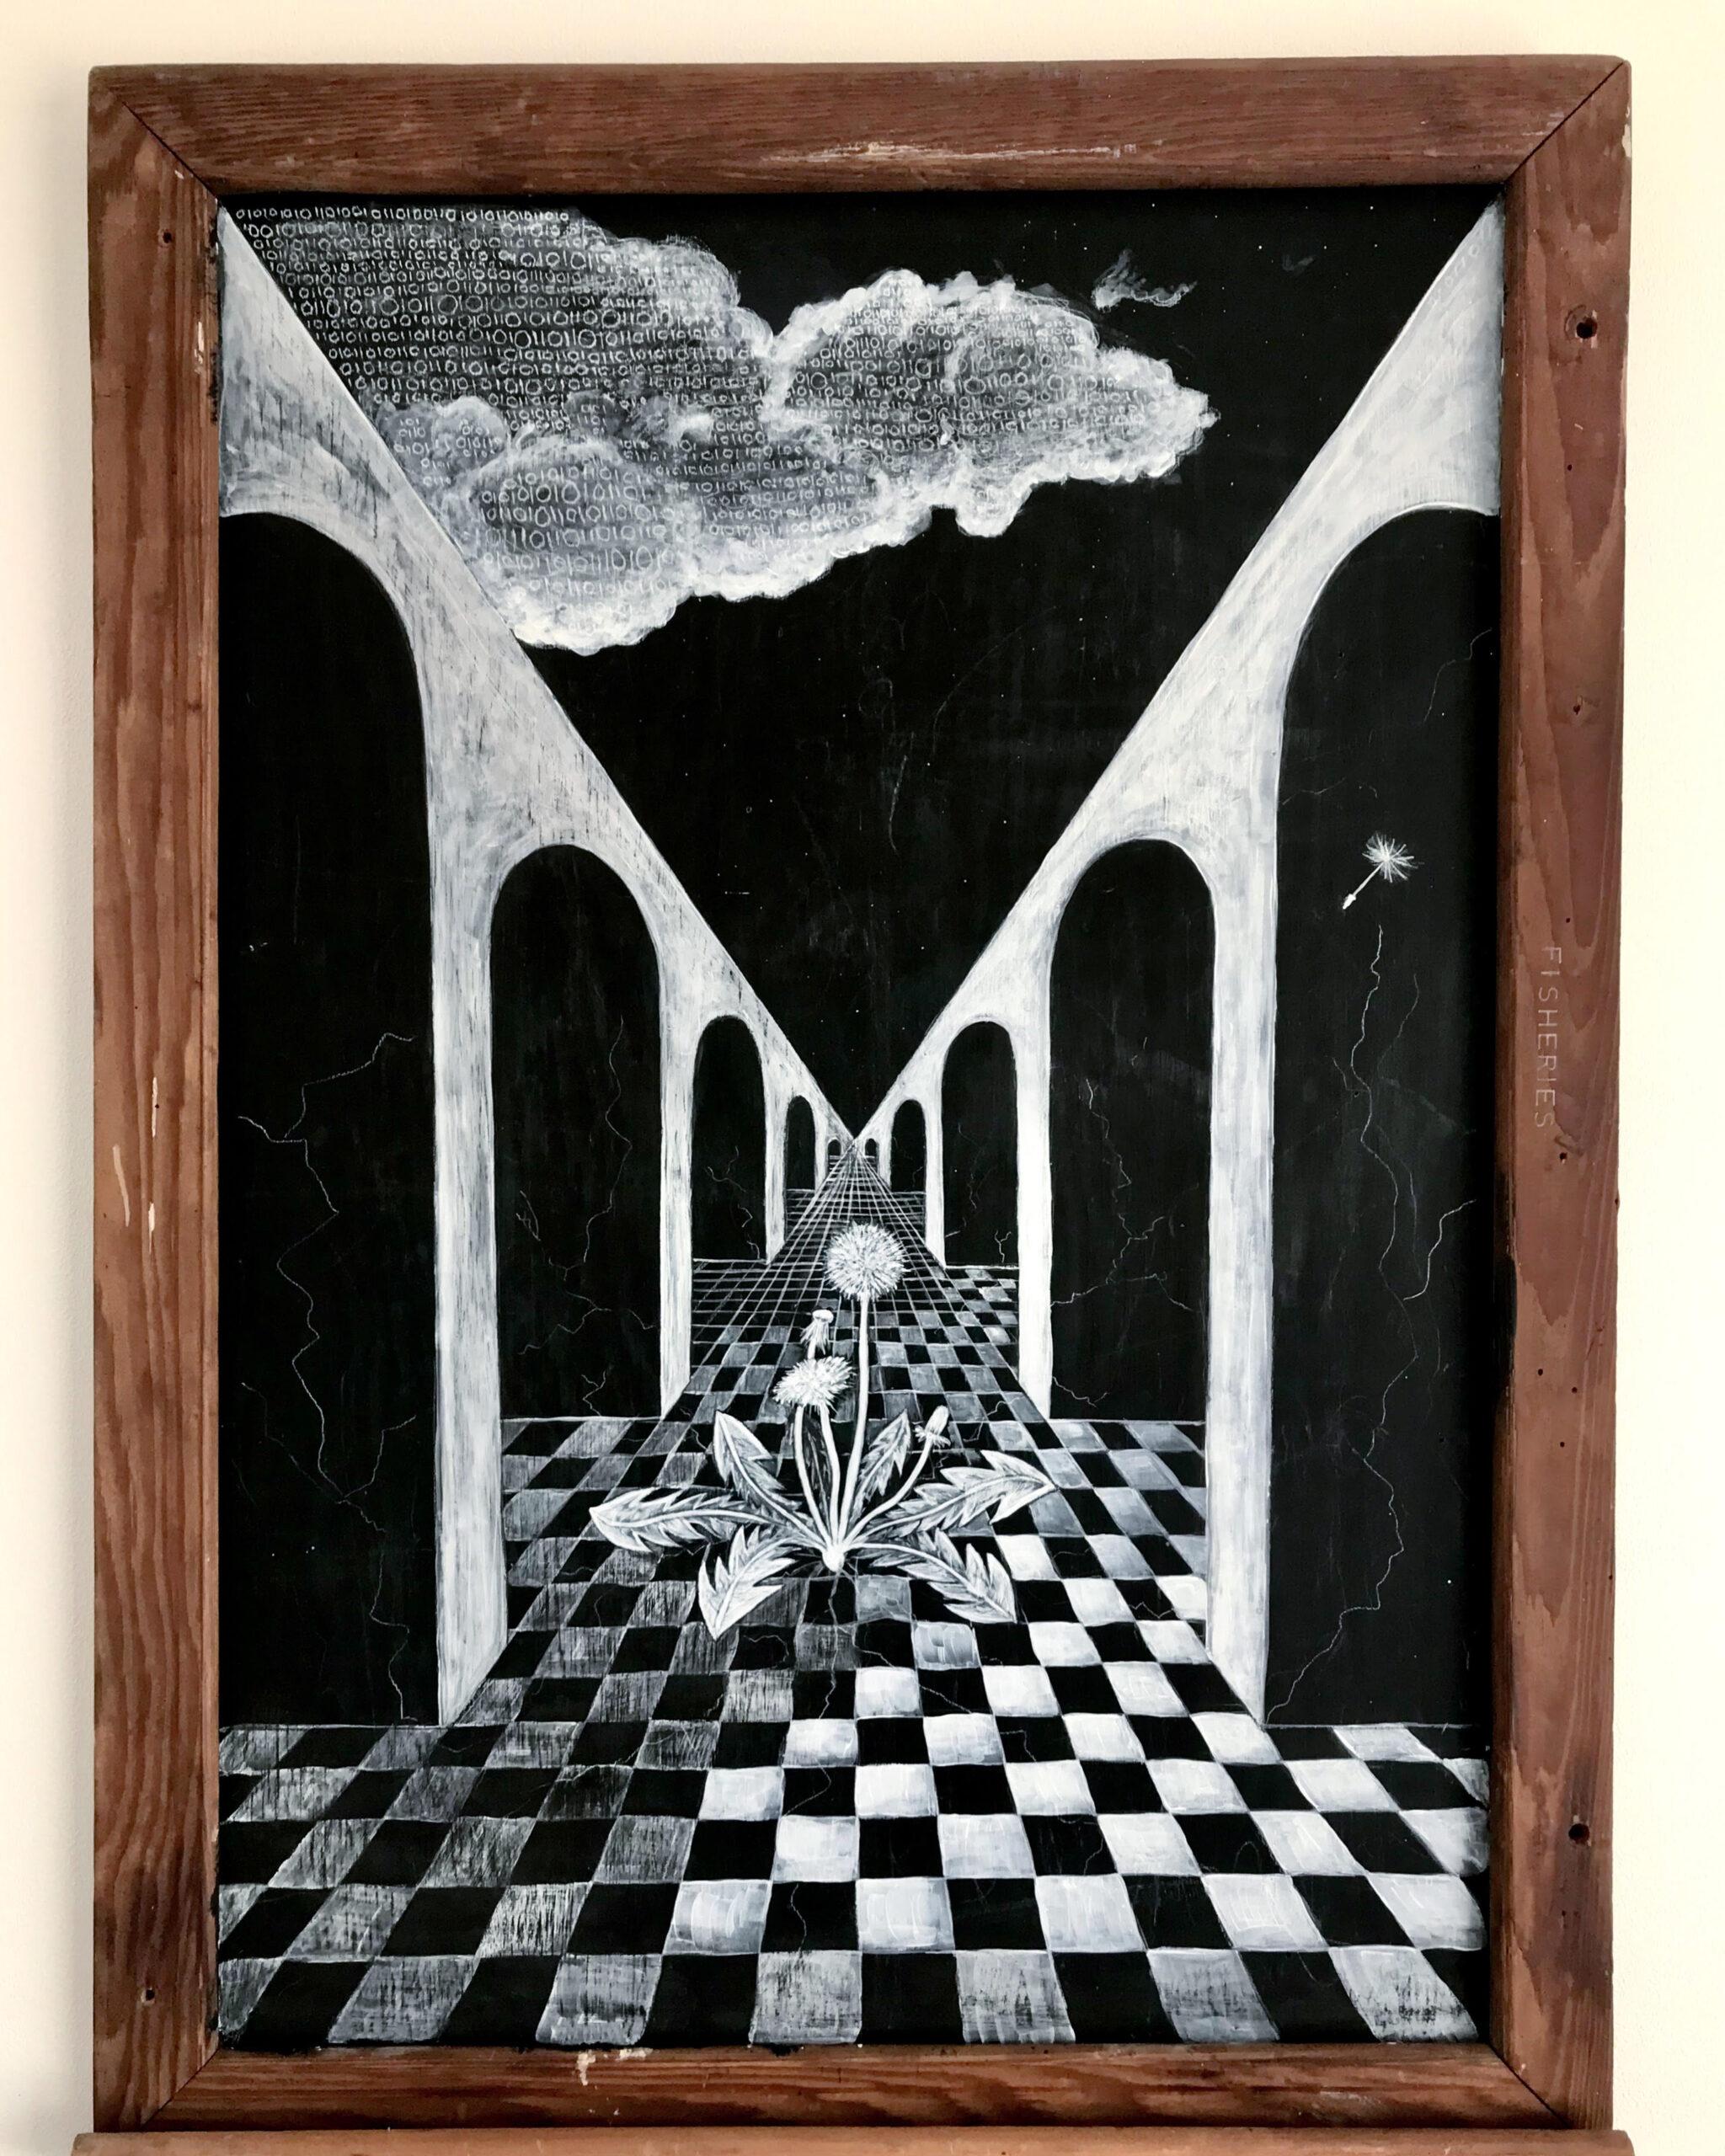 'Hopium' Kalou Koefoed, Acrylic on board $590